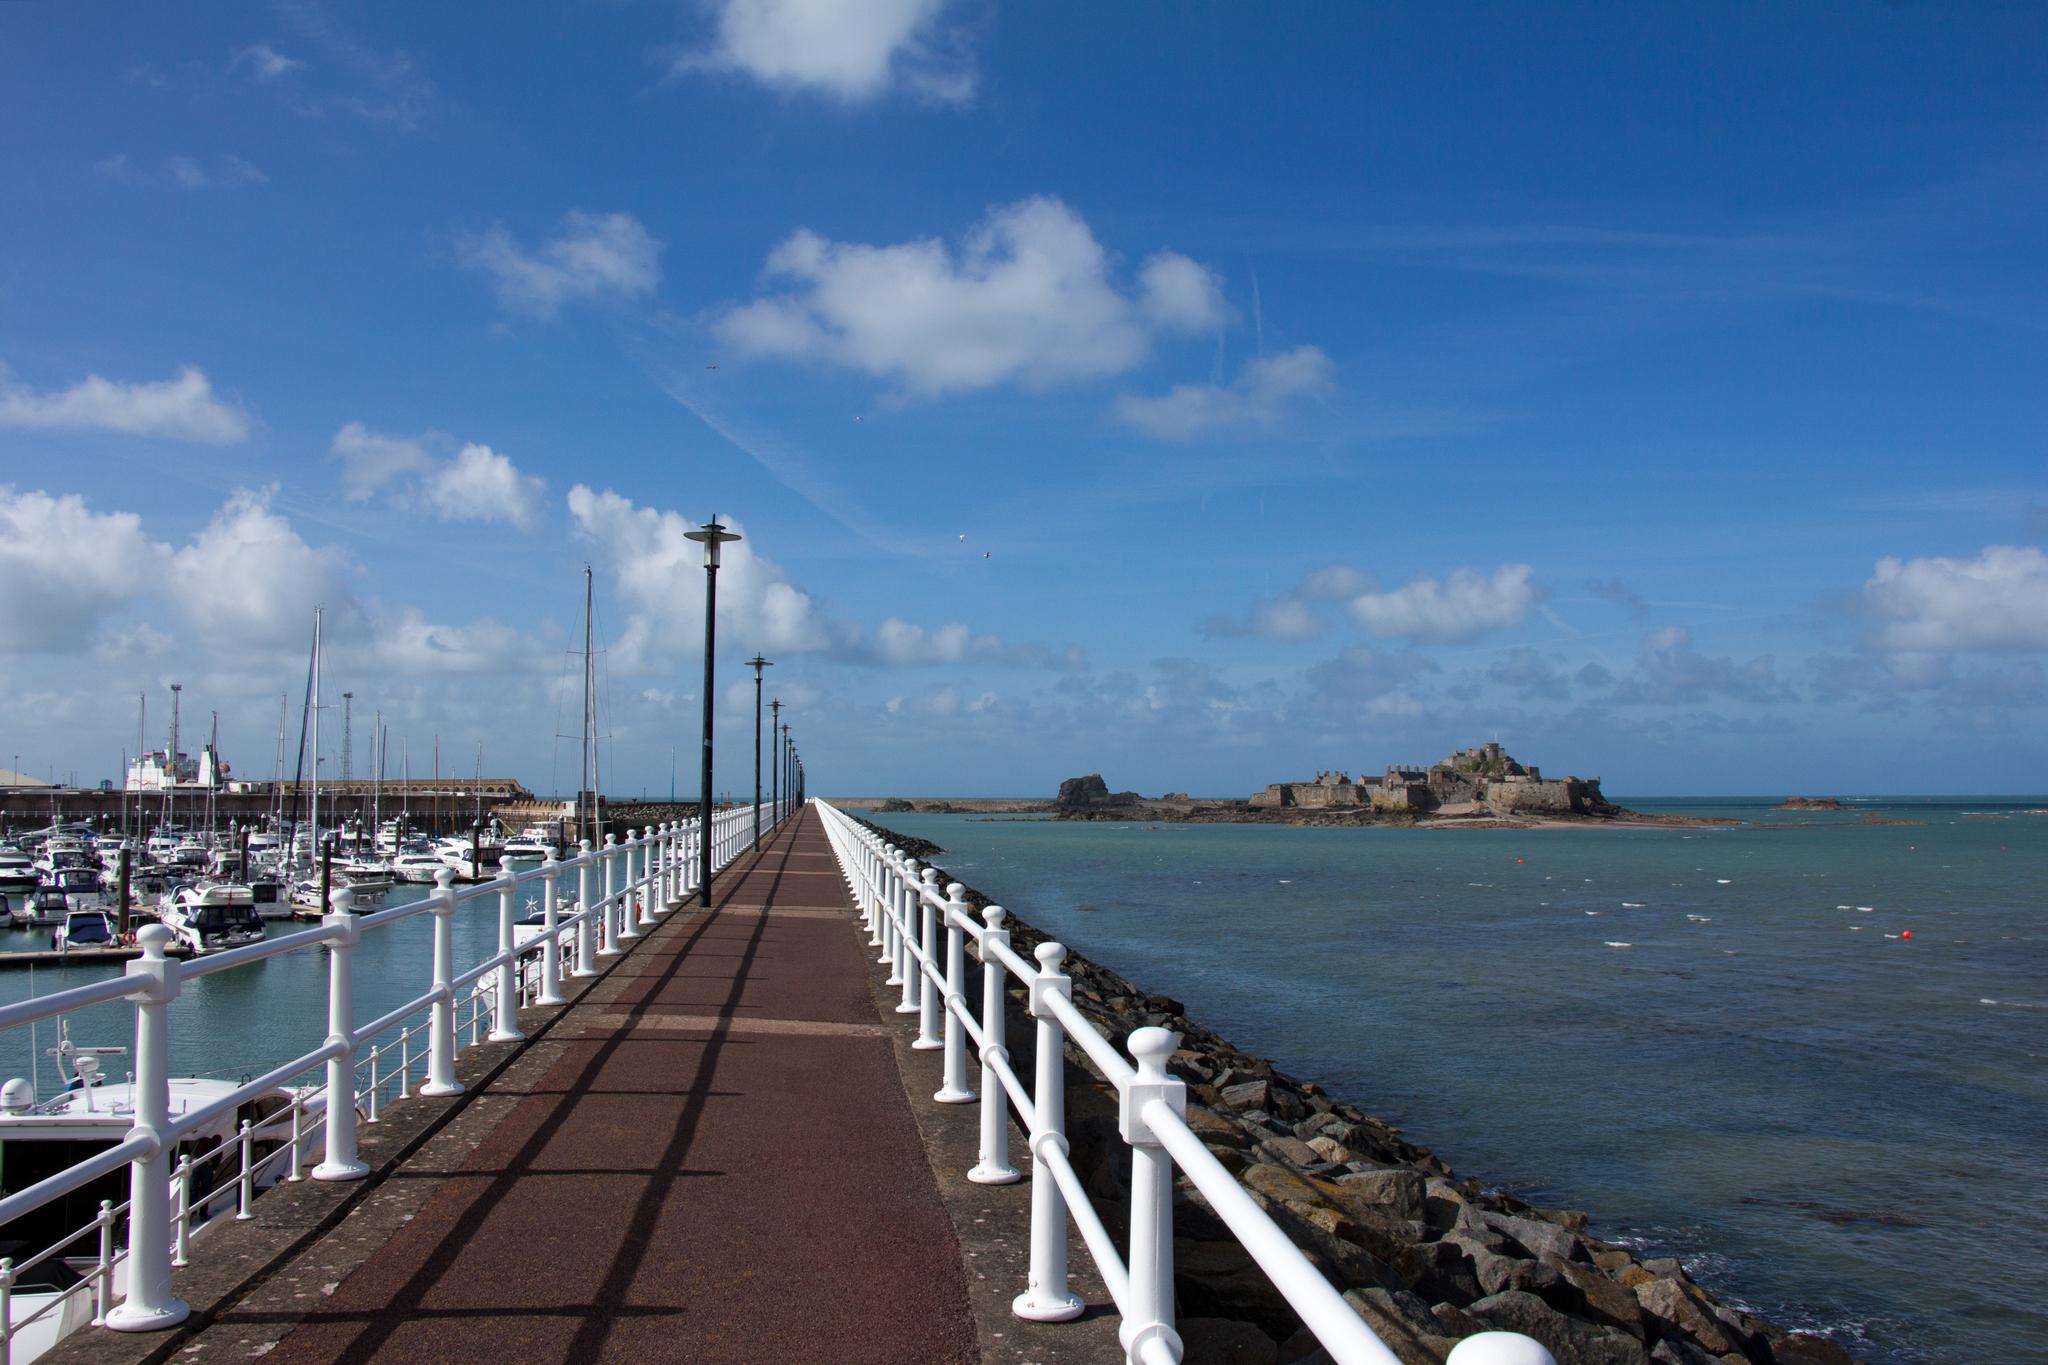 Saint Helier Elizabeth Marina, Jersey